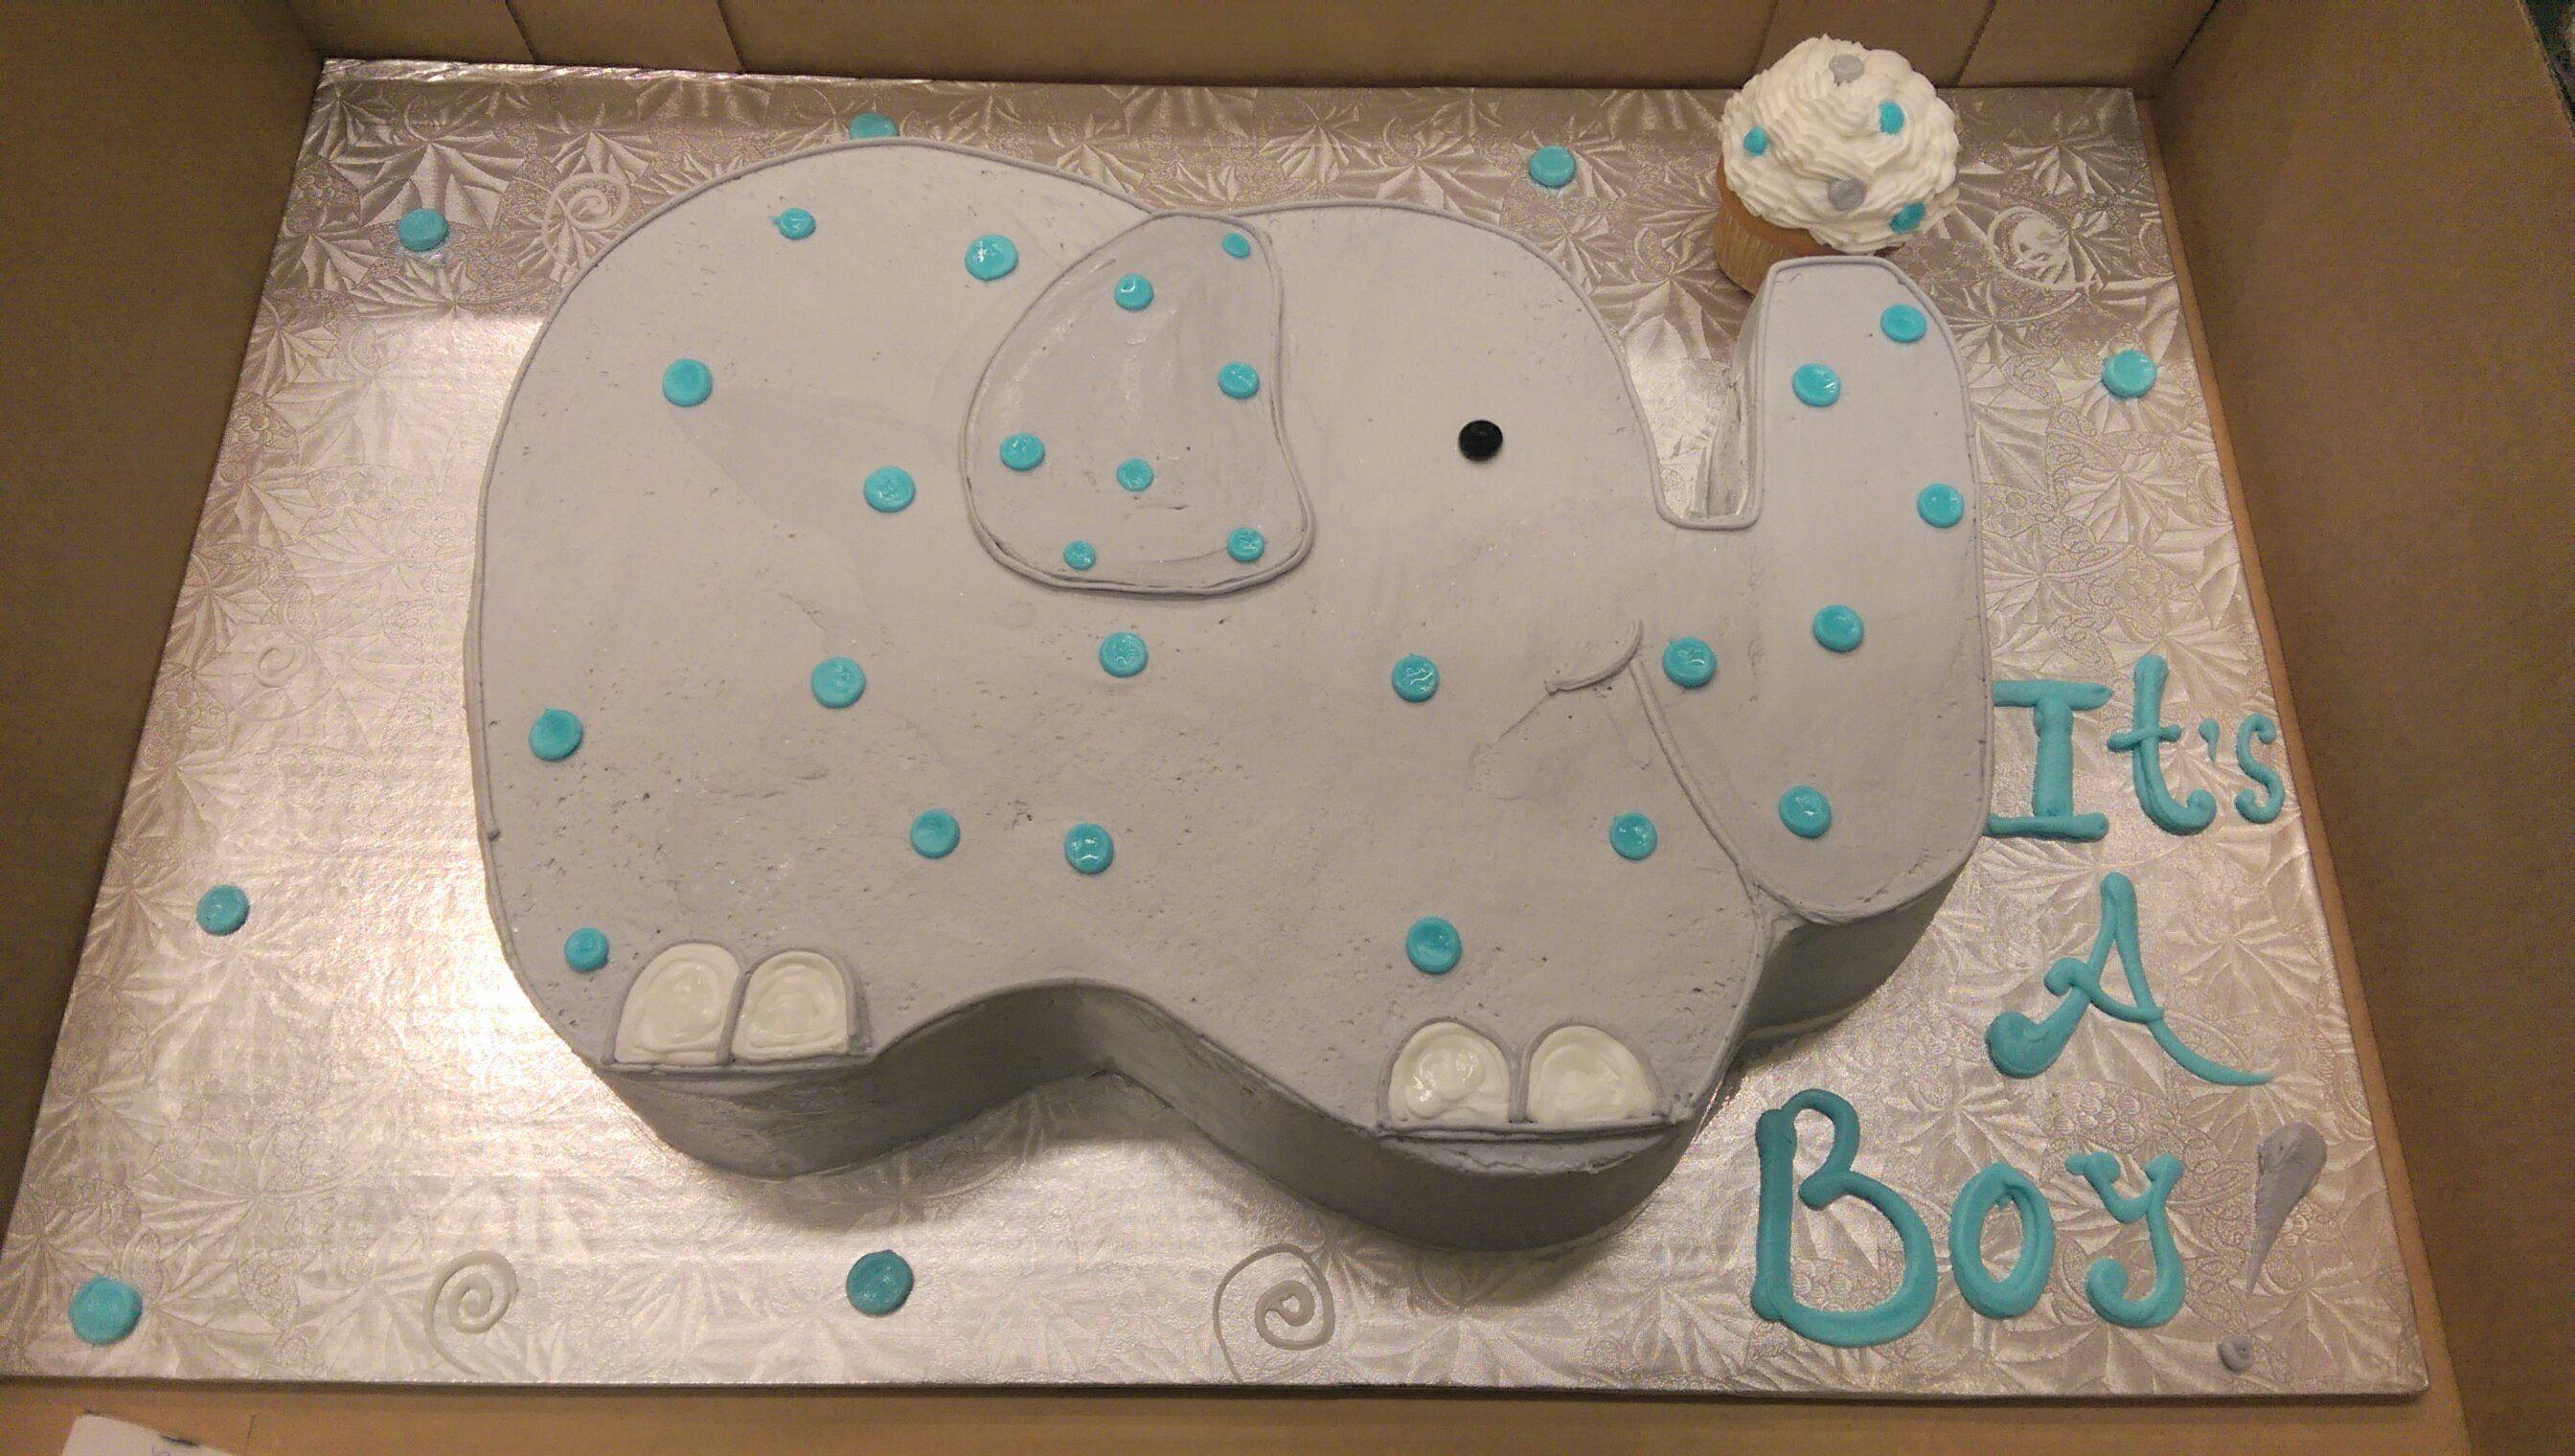 Baby Shaped Cake Images : Calumet Bakery Elephant Shaped Cake Baby Shower Baby ...